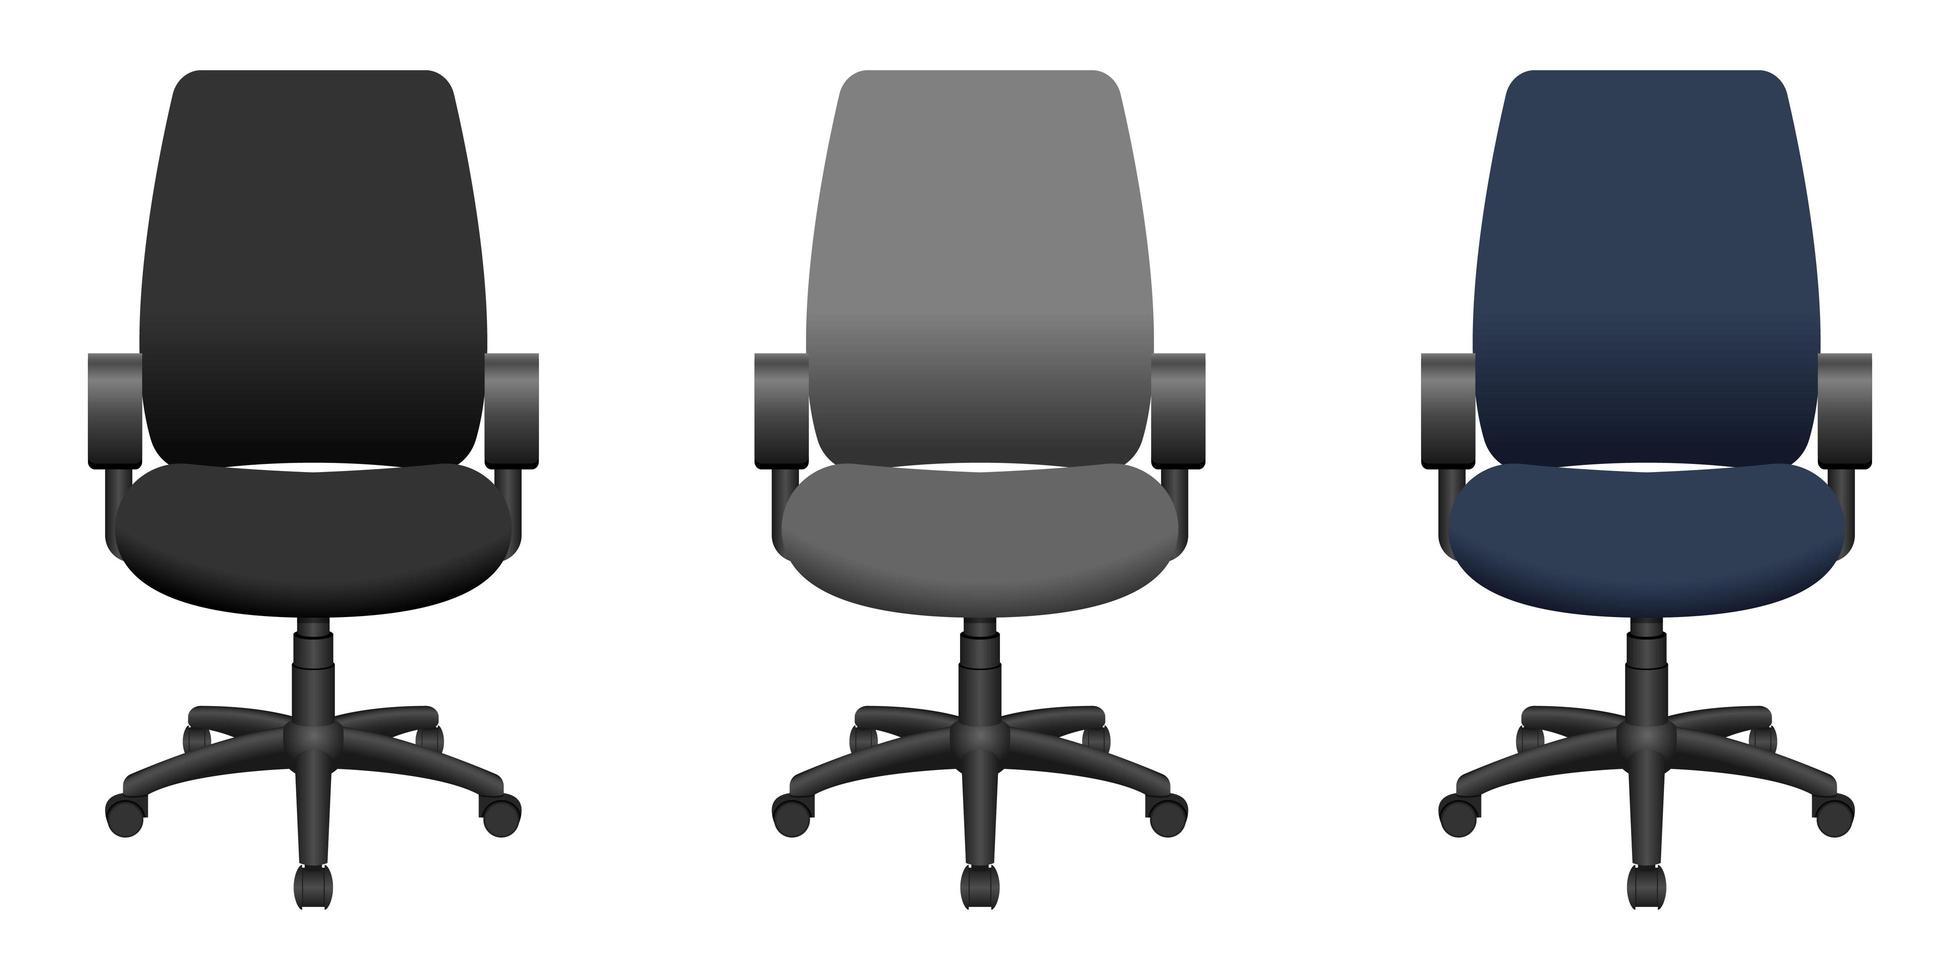 Bürostuhlvektorentwurfsillustration lokalisiert auf weißem Hintergrund vektor